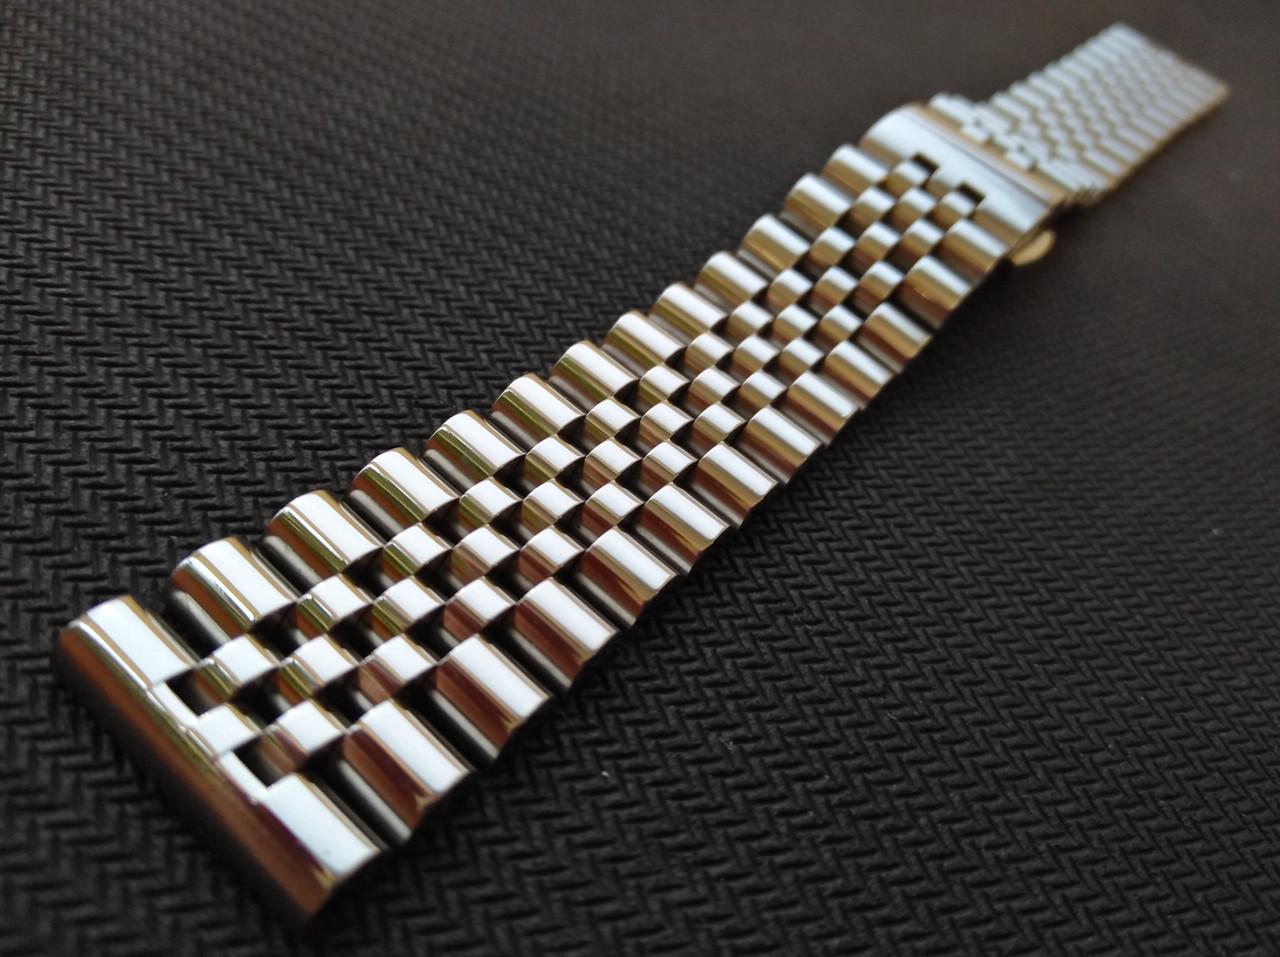 Браслет для часов из нержавеющей стали 316L, литой, глянец. 21 мм